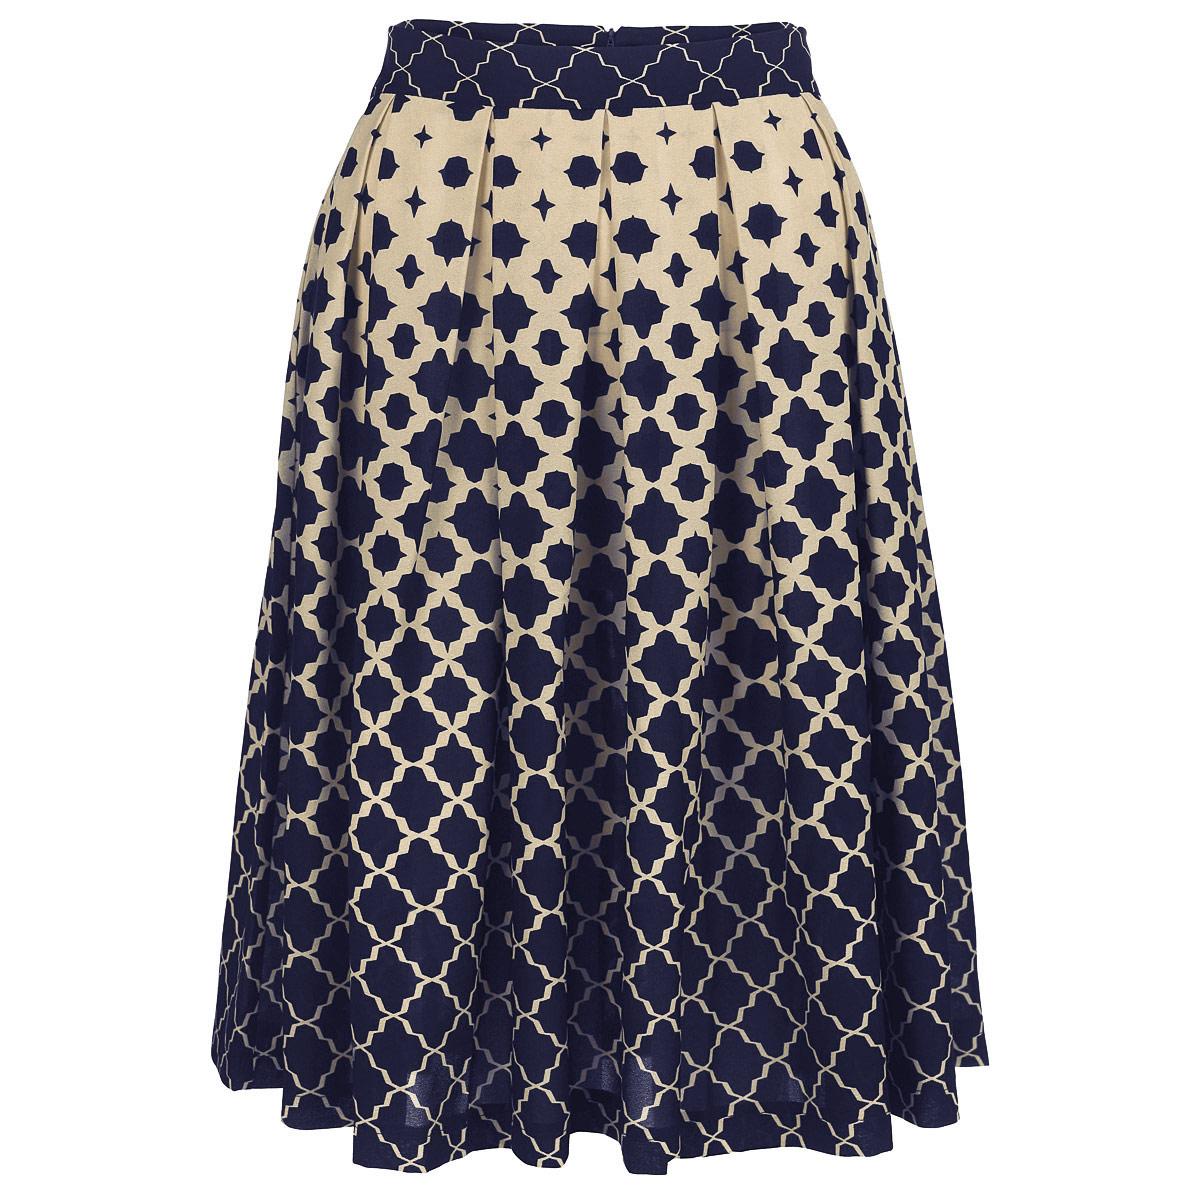 Юбкаю0158Очаровательная юбка от Lautus добавит женственные нотки в ваш модный образ. Модель выполнена из полиэстера с небольшим добавлением эластана. Юбка застегивается на потайную застежку-молнию, расположенную в заднем шве. Изящная модель с посадкой на талии подчеркнет красоту и стройность ваших ног, сделает ваш образ более хрупким. Изделие оформлено модным контрастным принтом. Стильная юбка - основа гардероба настоящей леди. Она подчеркнет ваше отменное чувство стиля и безупречный вкус!